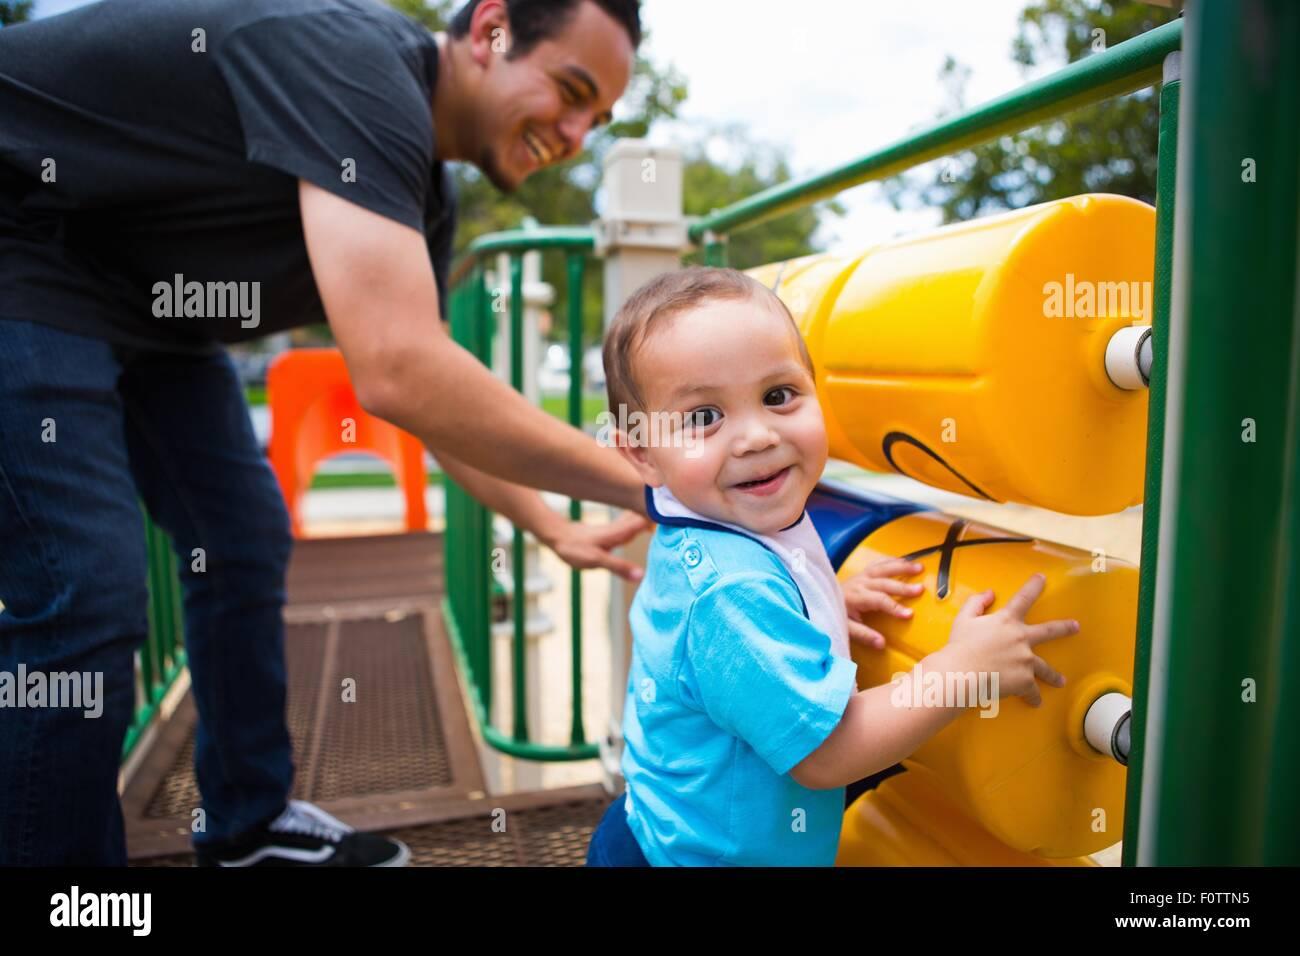 Jovem jogar com bebês irmão em equipamentos de playground Imagens de Stock